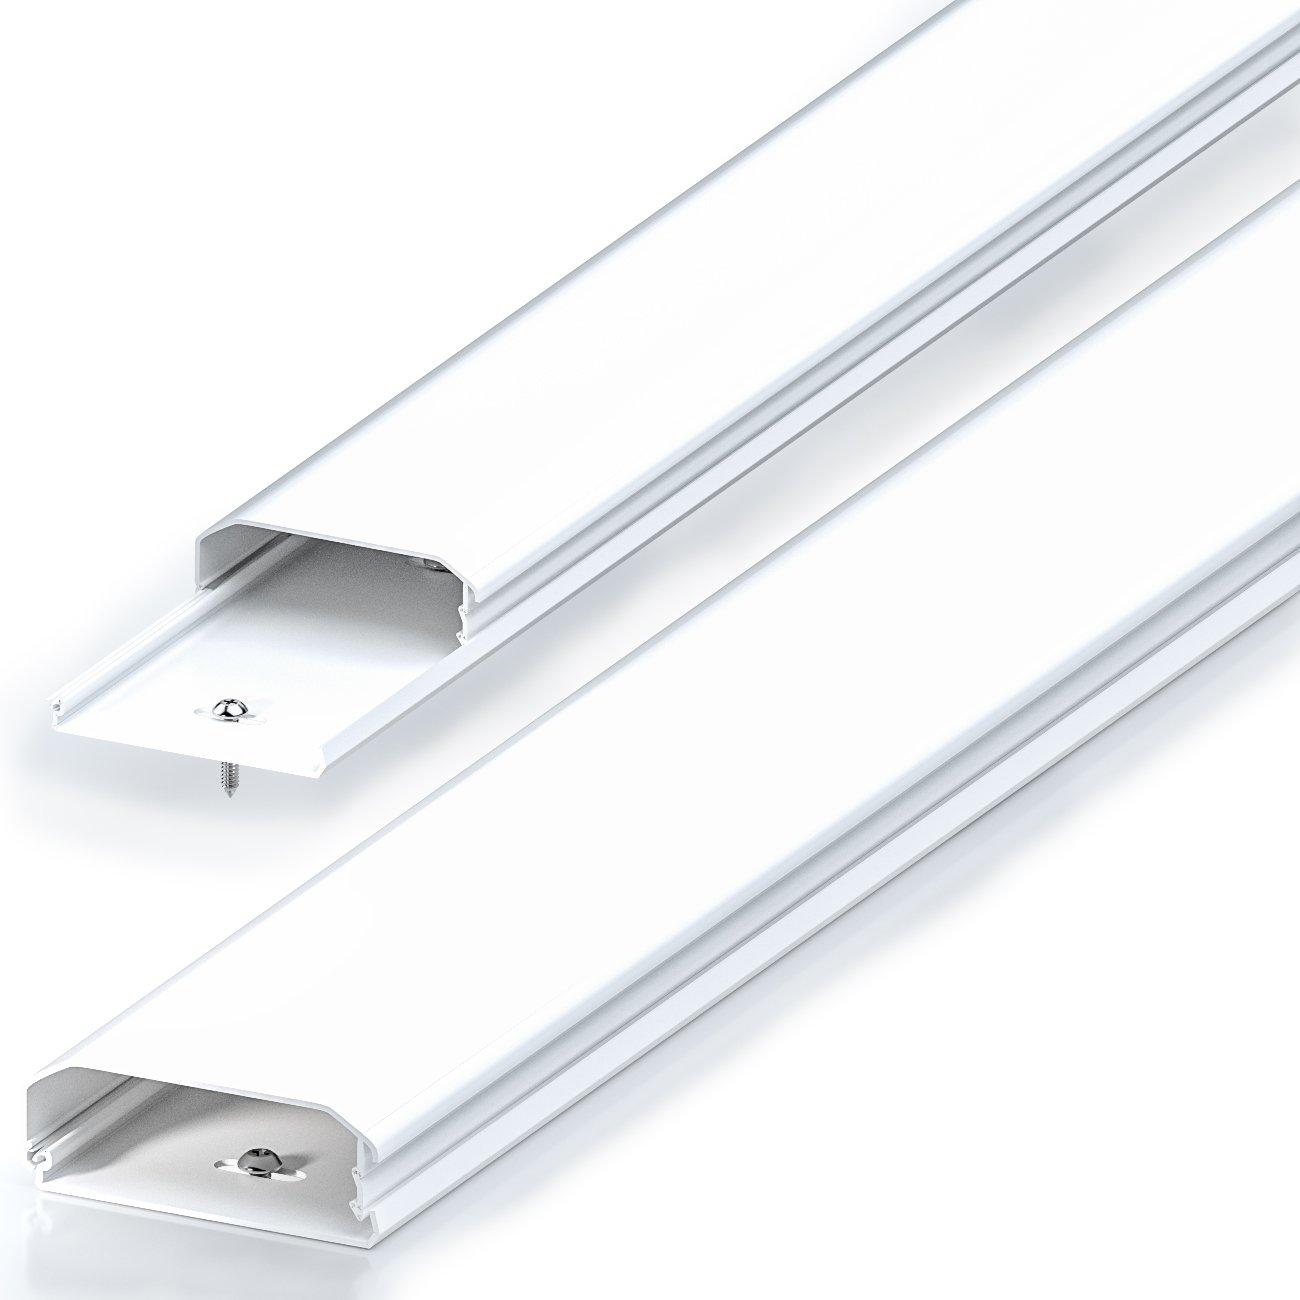 Canaleta universal deleyCON, para colocar cables y lí neas, PVC de primera, longitud de 50 cm, ancho de 6 cm, altura de 2 cm, de color negro para colocar cables y líneas MK-W-29